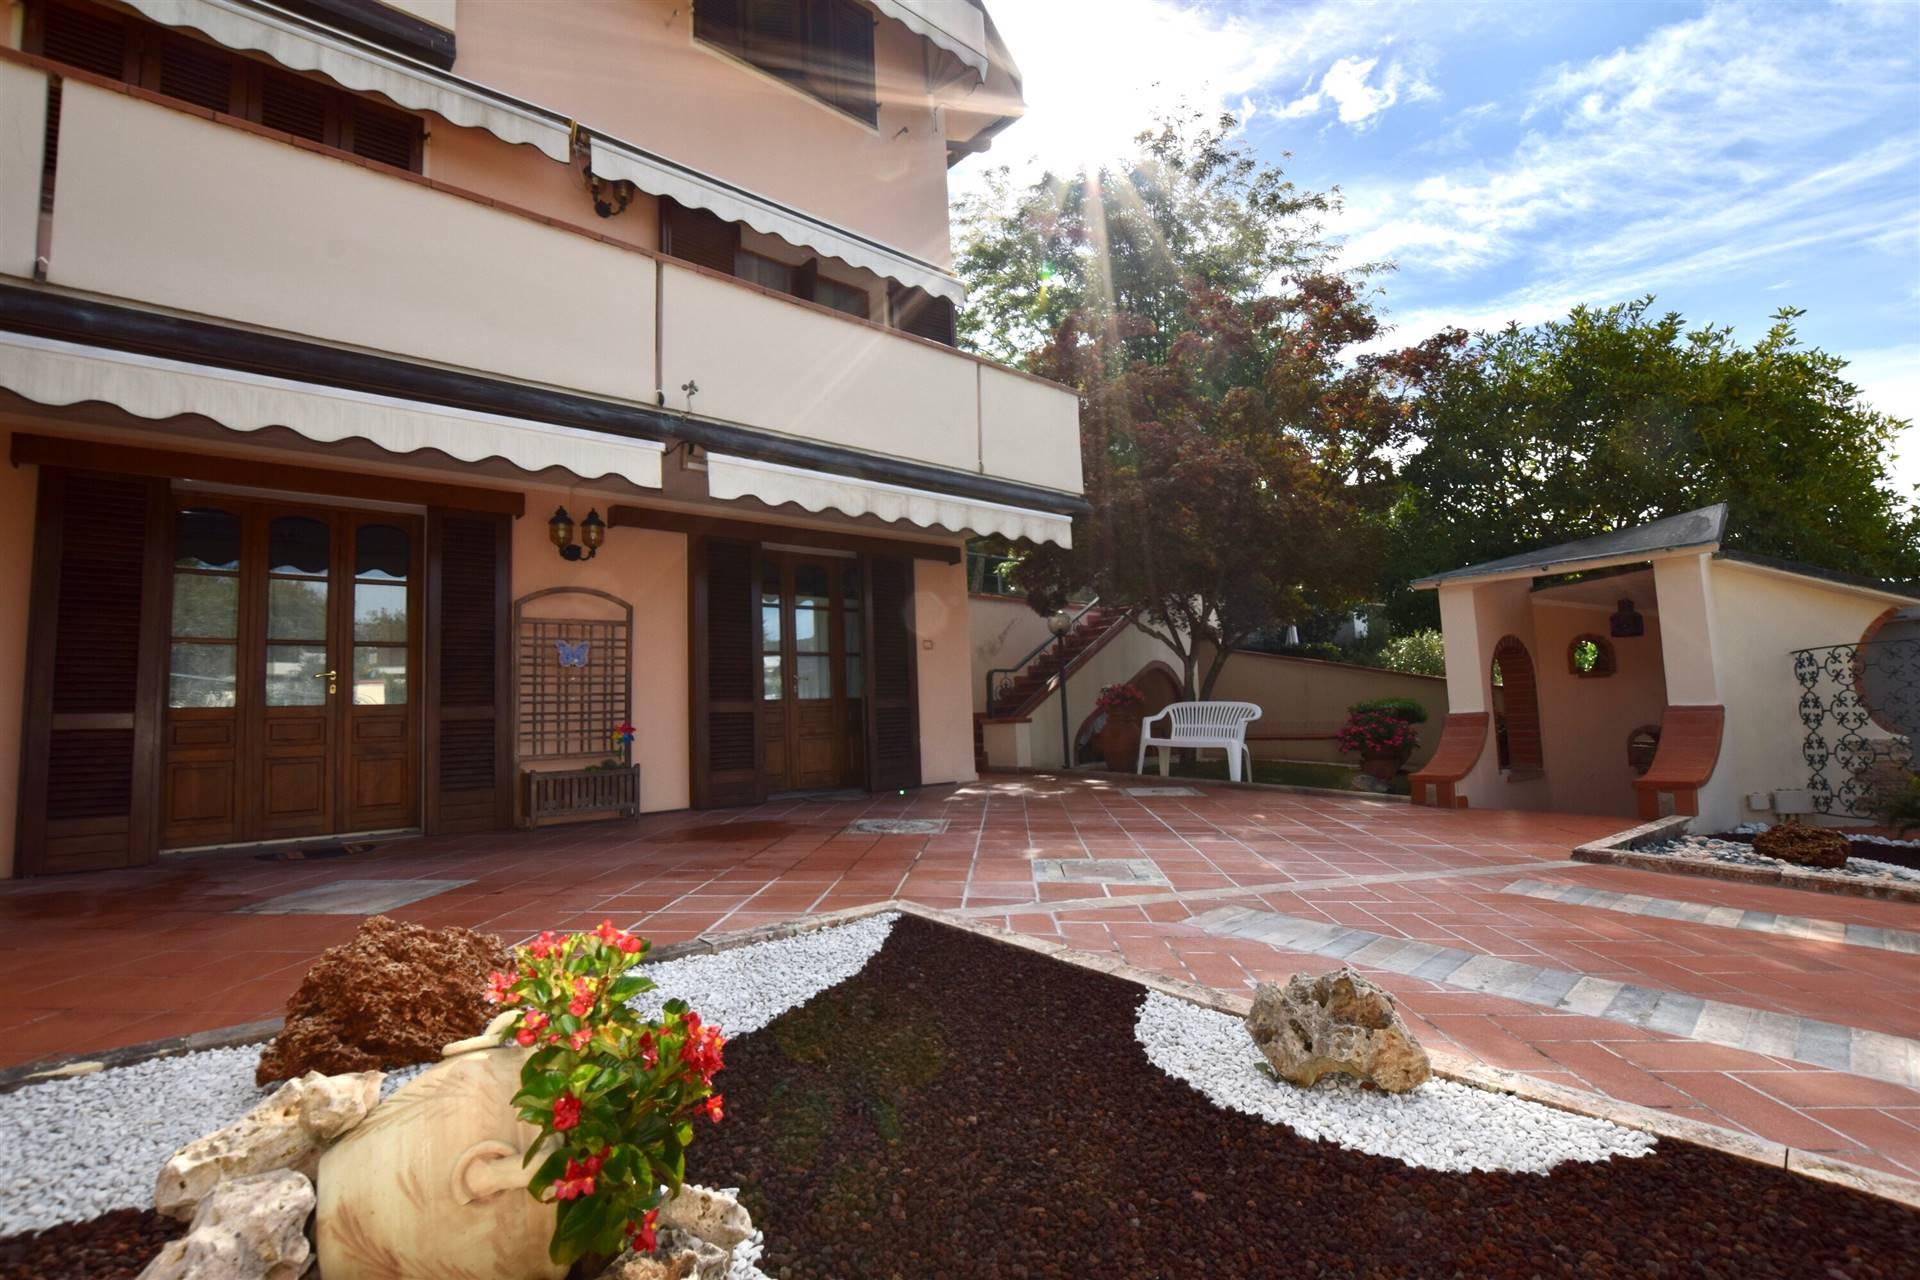 STAZIONE MASOTTI, SERRAVALLE PISTOIESE, Villa in vendita di 298 Mq, Ottime condizioni, Riscaldamento Autonomo, Classe energetica: G, Epi: 175 kwh/m2